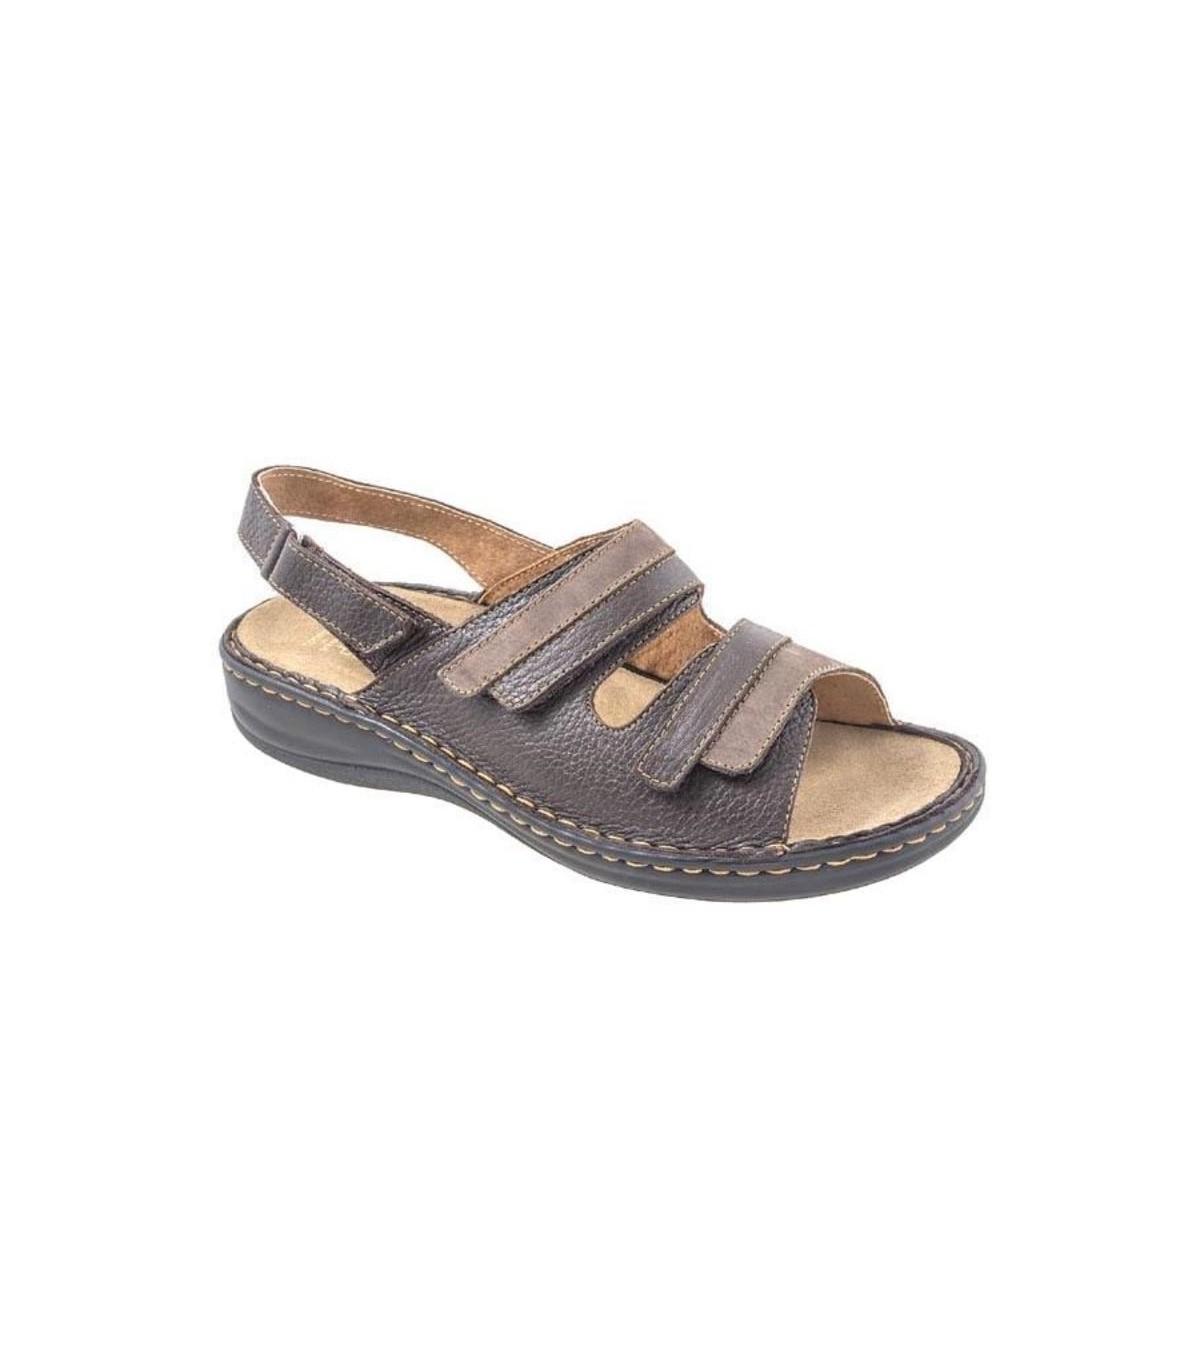 8cac7c614e Benexa sandali da uomo art. 7860/10